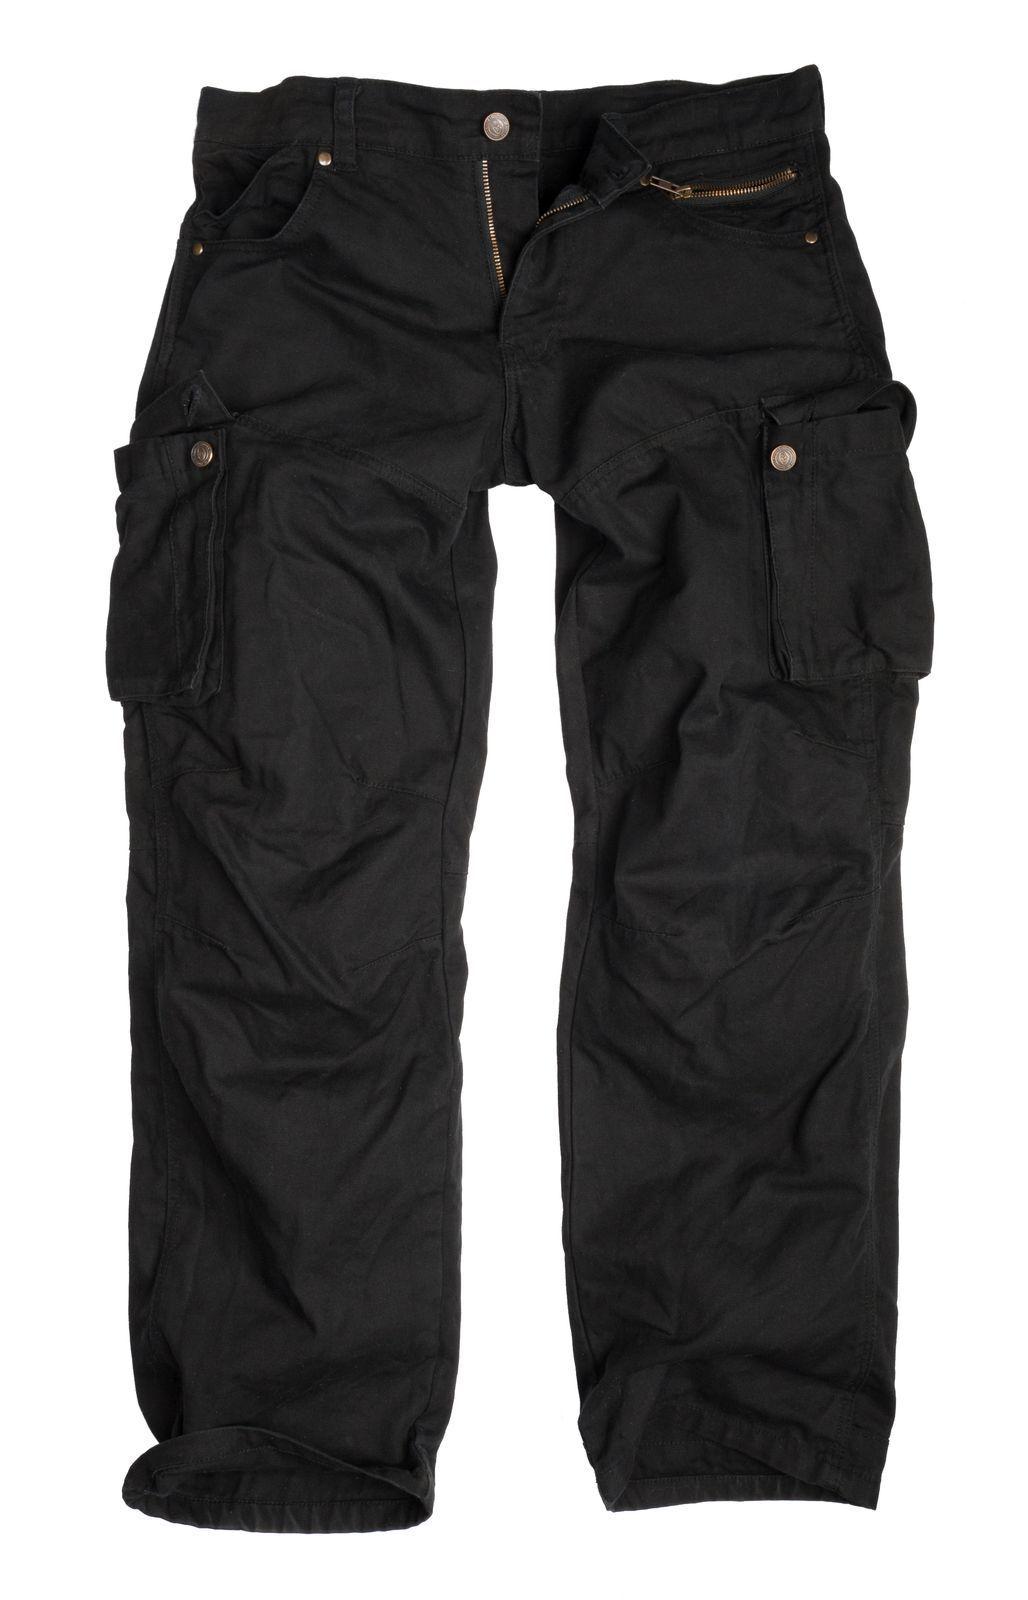 Halle 15 Clothes Cargohose Vintage Cargo Trouser Canvas Schwarz  H15 Merch